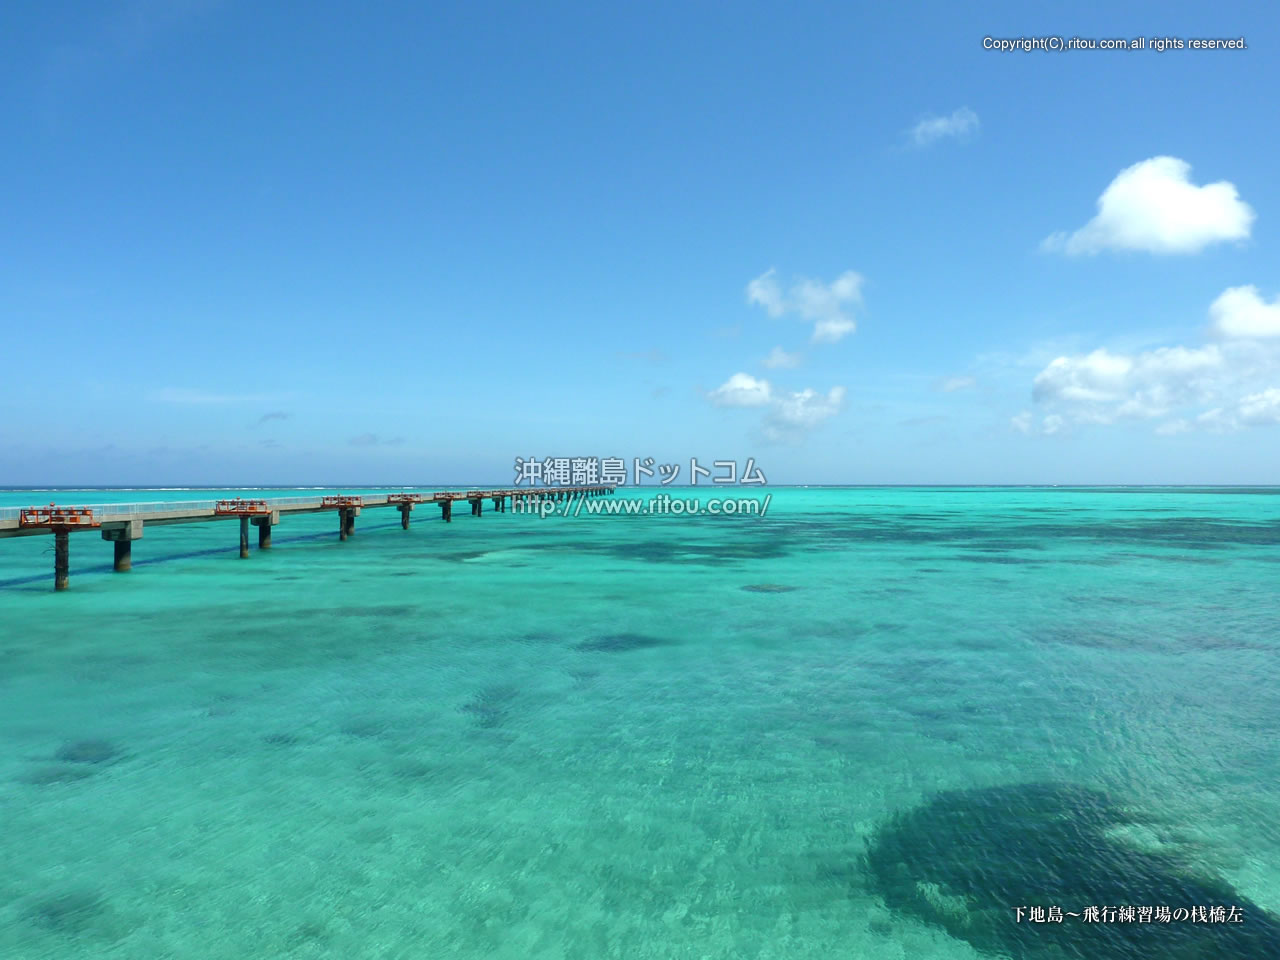 下地島〜飛行練習場の桟橋左